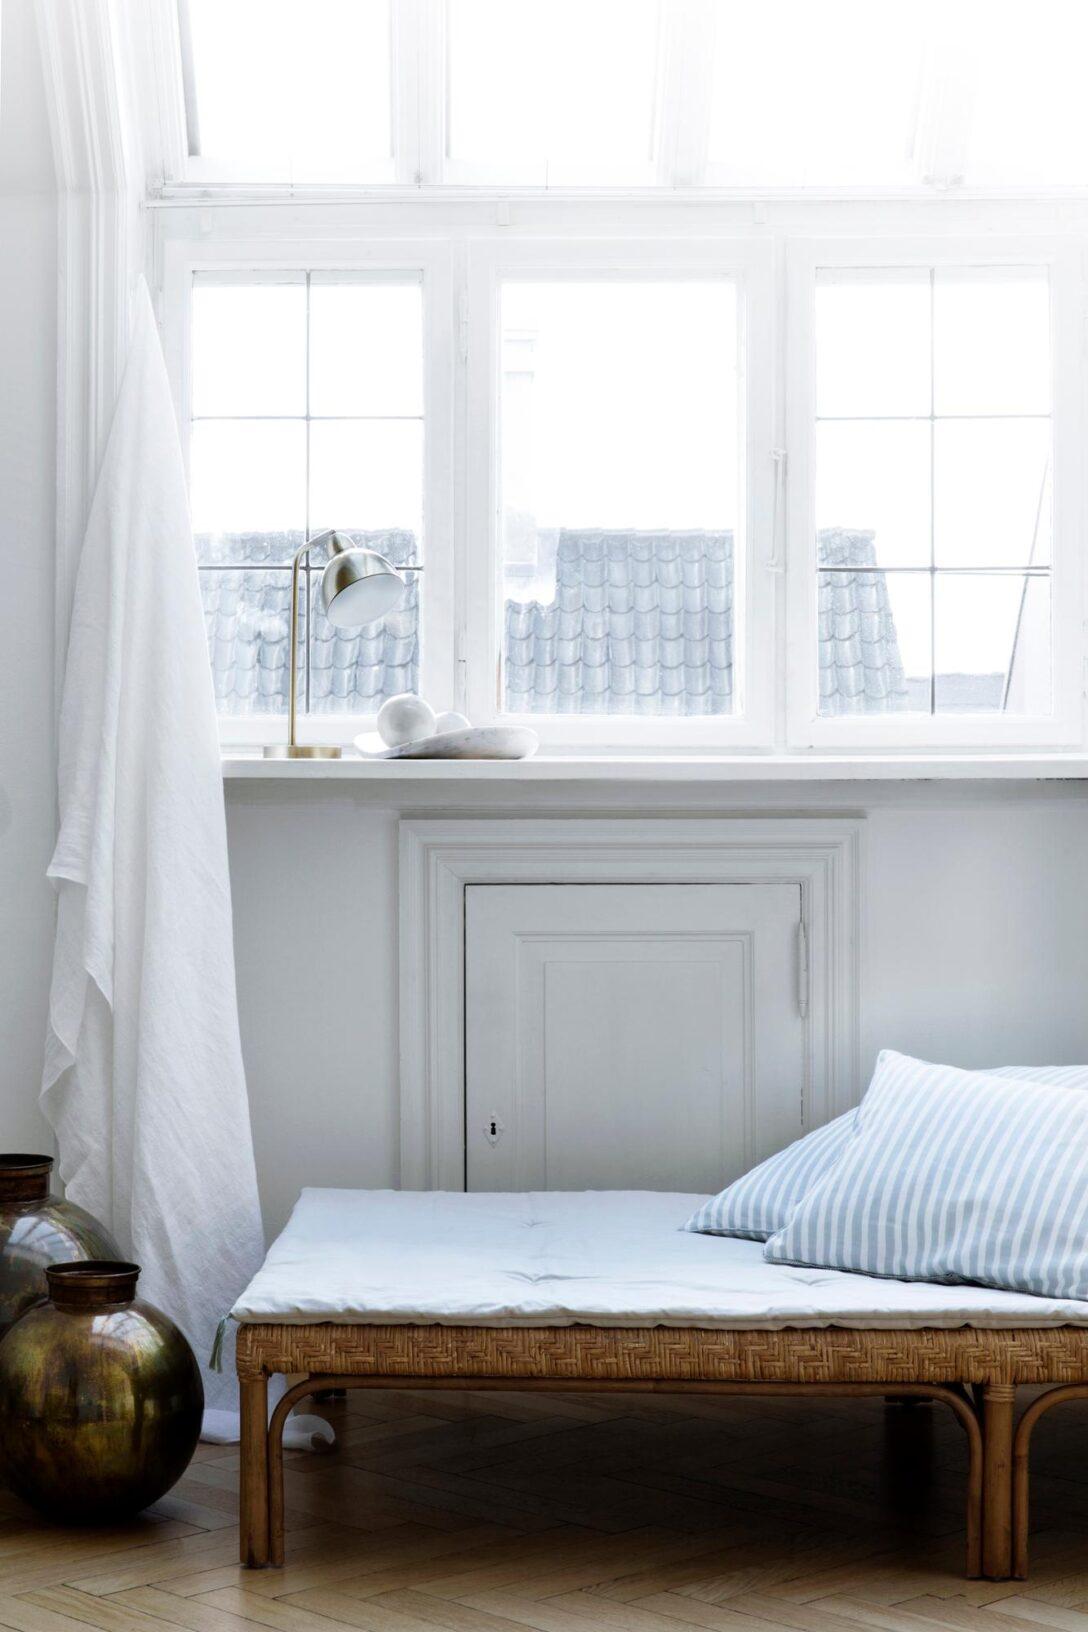 Large Size of Gardine Wohnzimmer Liege Klebefolie Für Fenster Vorhänge Stehlampe Stehlampen Sichtschutzfolien Deckenlampen Pendelleuchte Deckenlampe Tischlampe Gardinen Wohnzimmer Liegestuhl Für Wohnzimmer